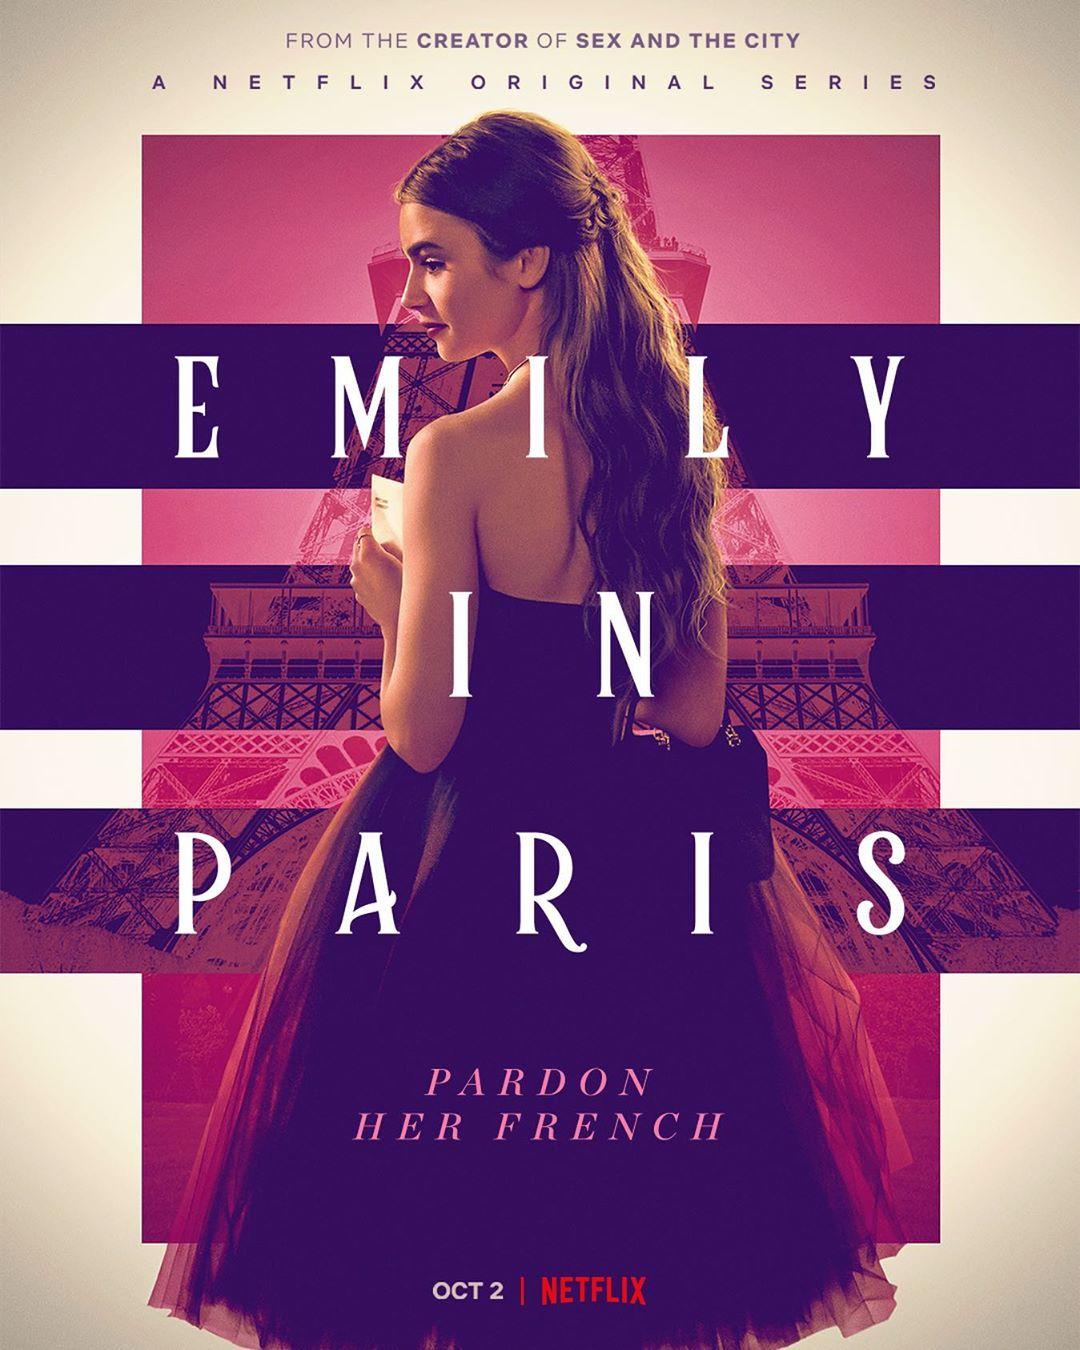 艾蜜莉在巴黎 | awwrated | 你的 Netflix 避雷好幫手!